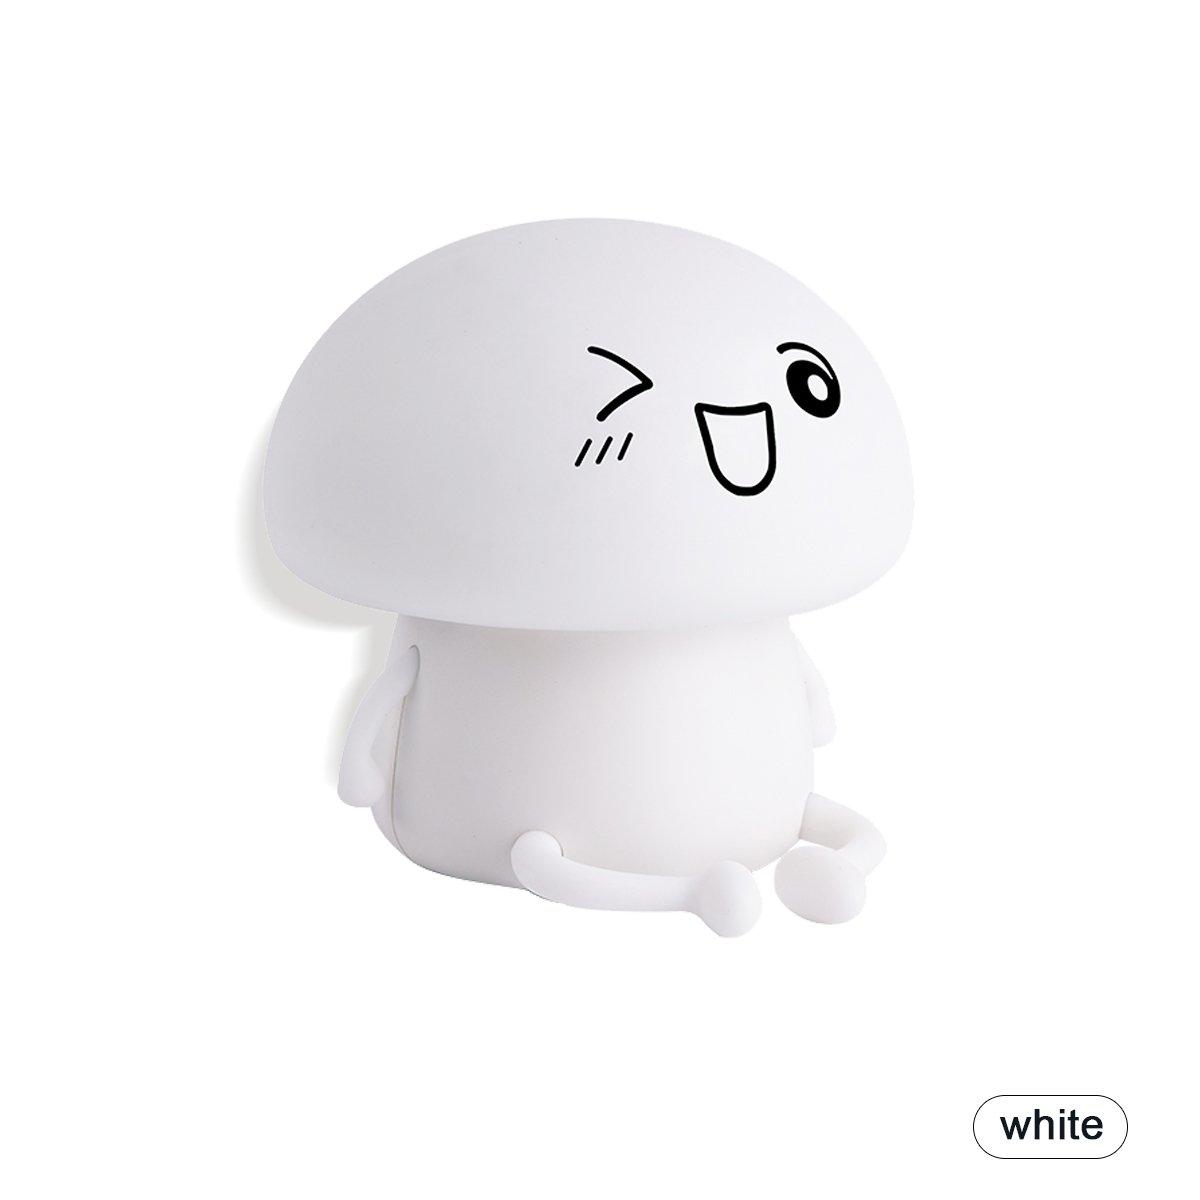 ノベルティSilicon絵文字Mushroom LEDタッチ常夜灯充電式Sensitiveキュートベビー幼児、子供、または子供部屋寝室の子の部屋デスクランプギフト ホワイト B075FRJNC3 14758 ホワイト ホワイト